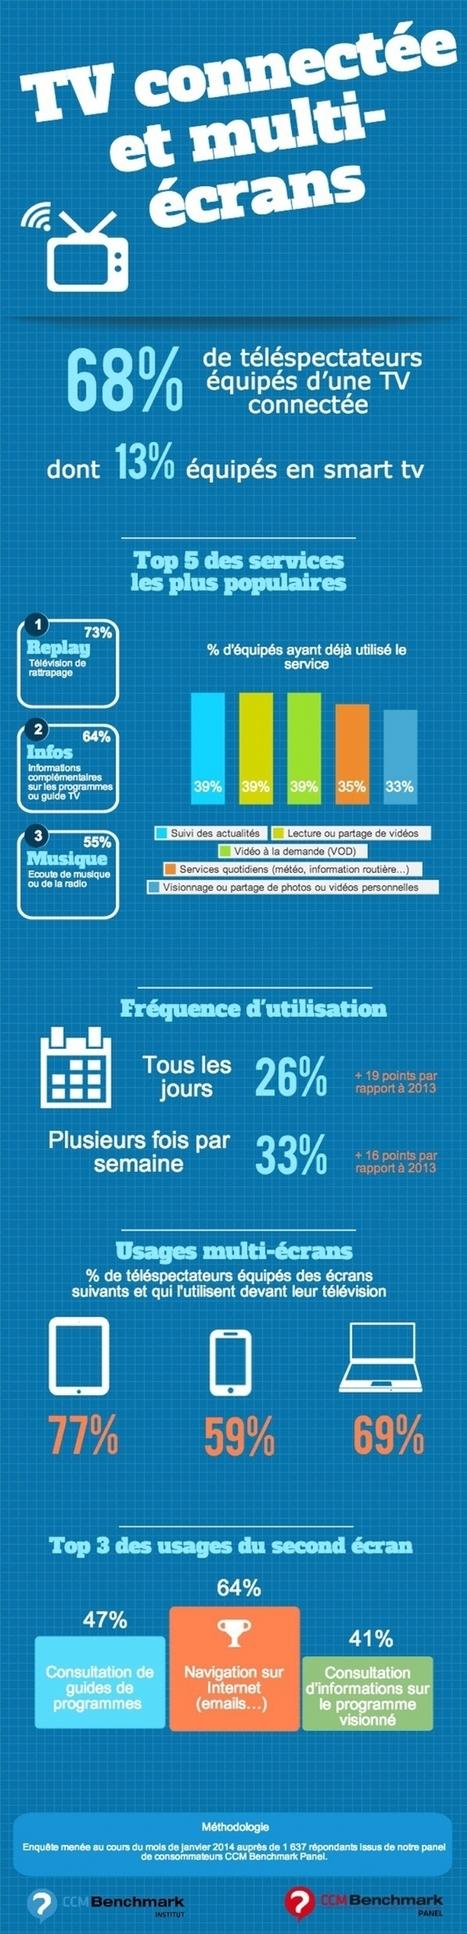 Infographie | Les nouveaux usages de la TV connectée | Video content | Scoop.it